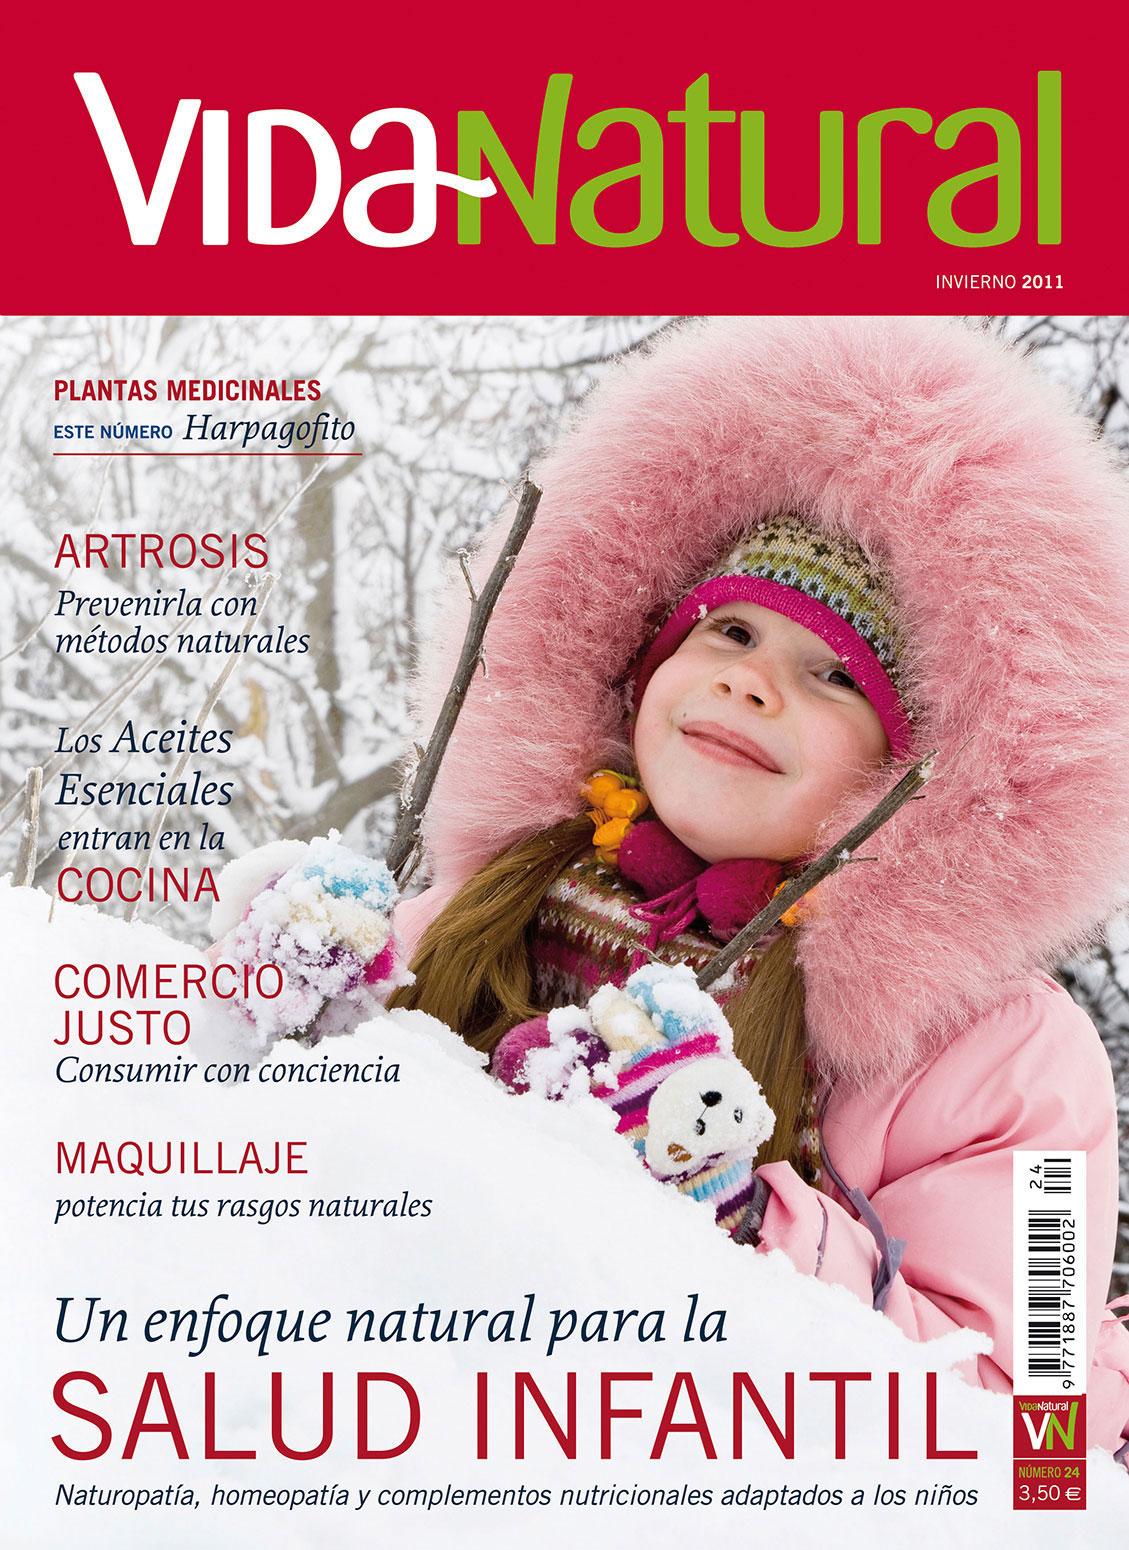 Revista Vida Natural nº 24